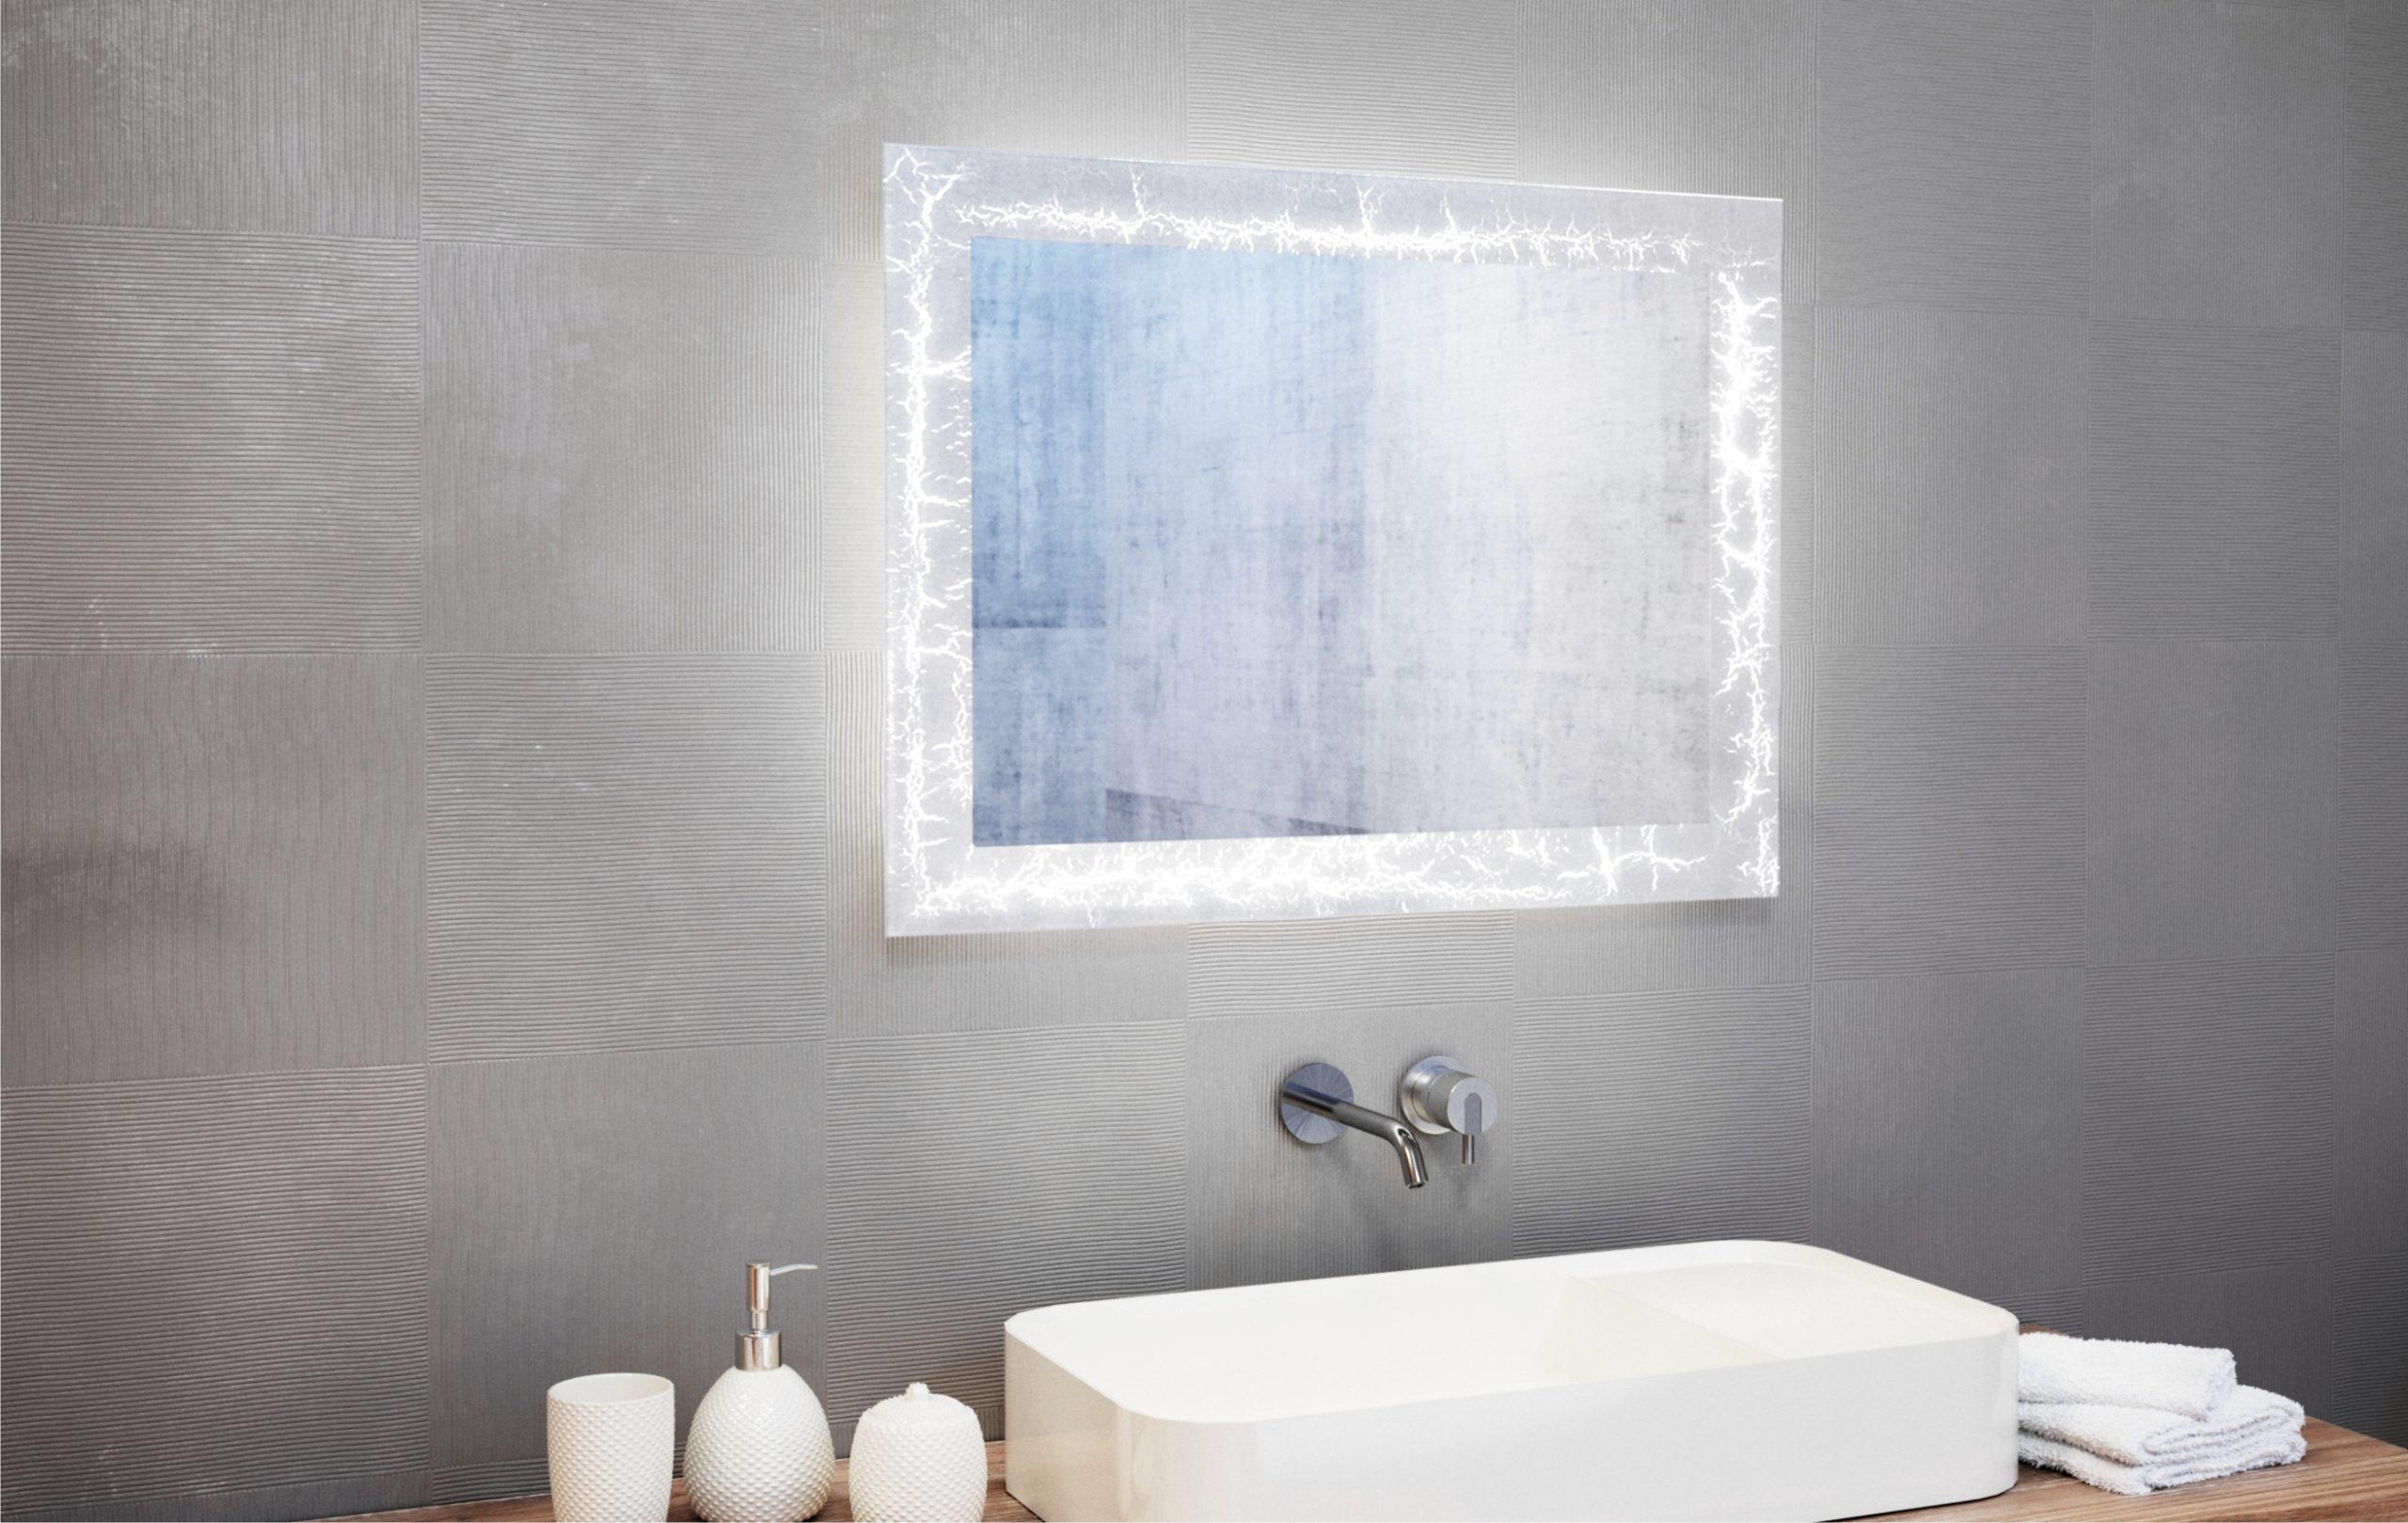 Miroir de salle de bains sols concept plan de campagne